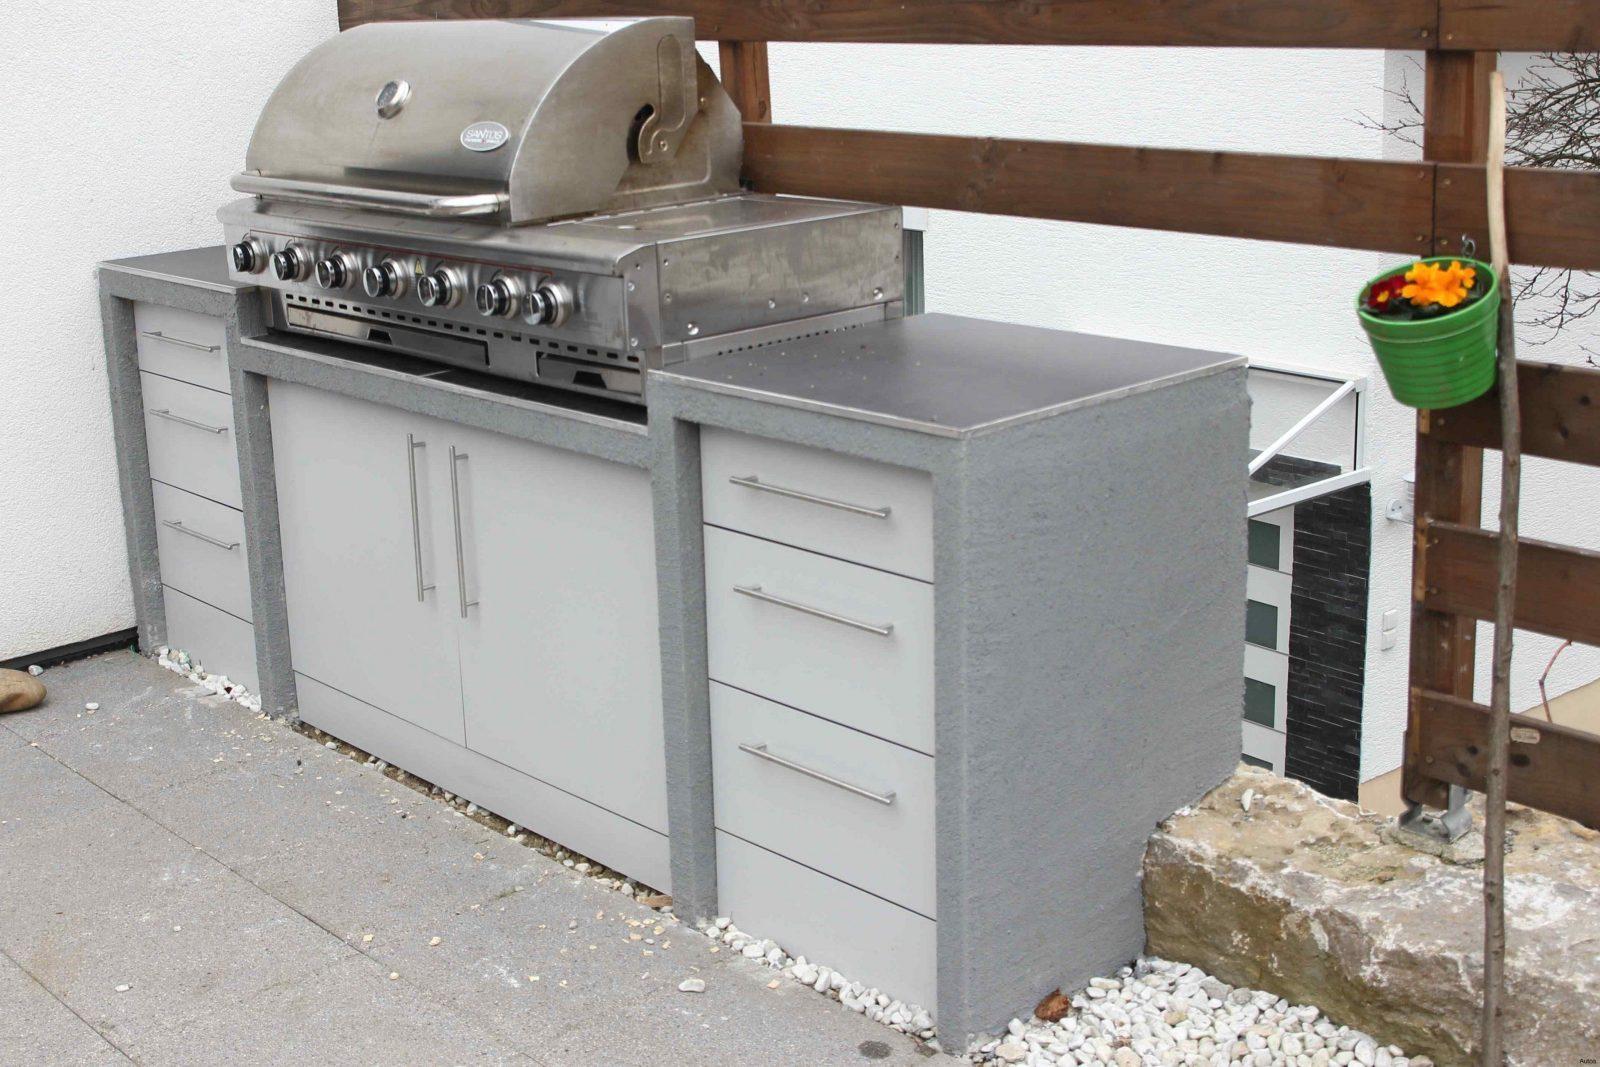 Außenküche Selber Bauen Holz Wunderbar Mobile Werkbank Klappbar Best von Außenküche Selber Bauen Holz Bild